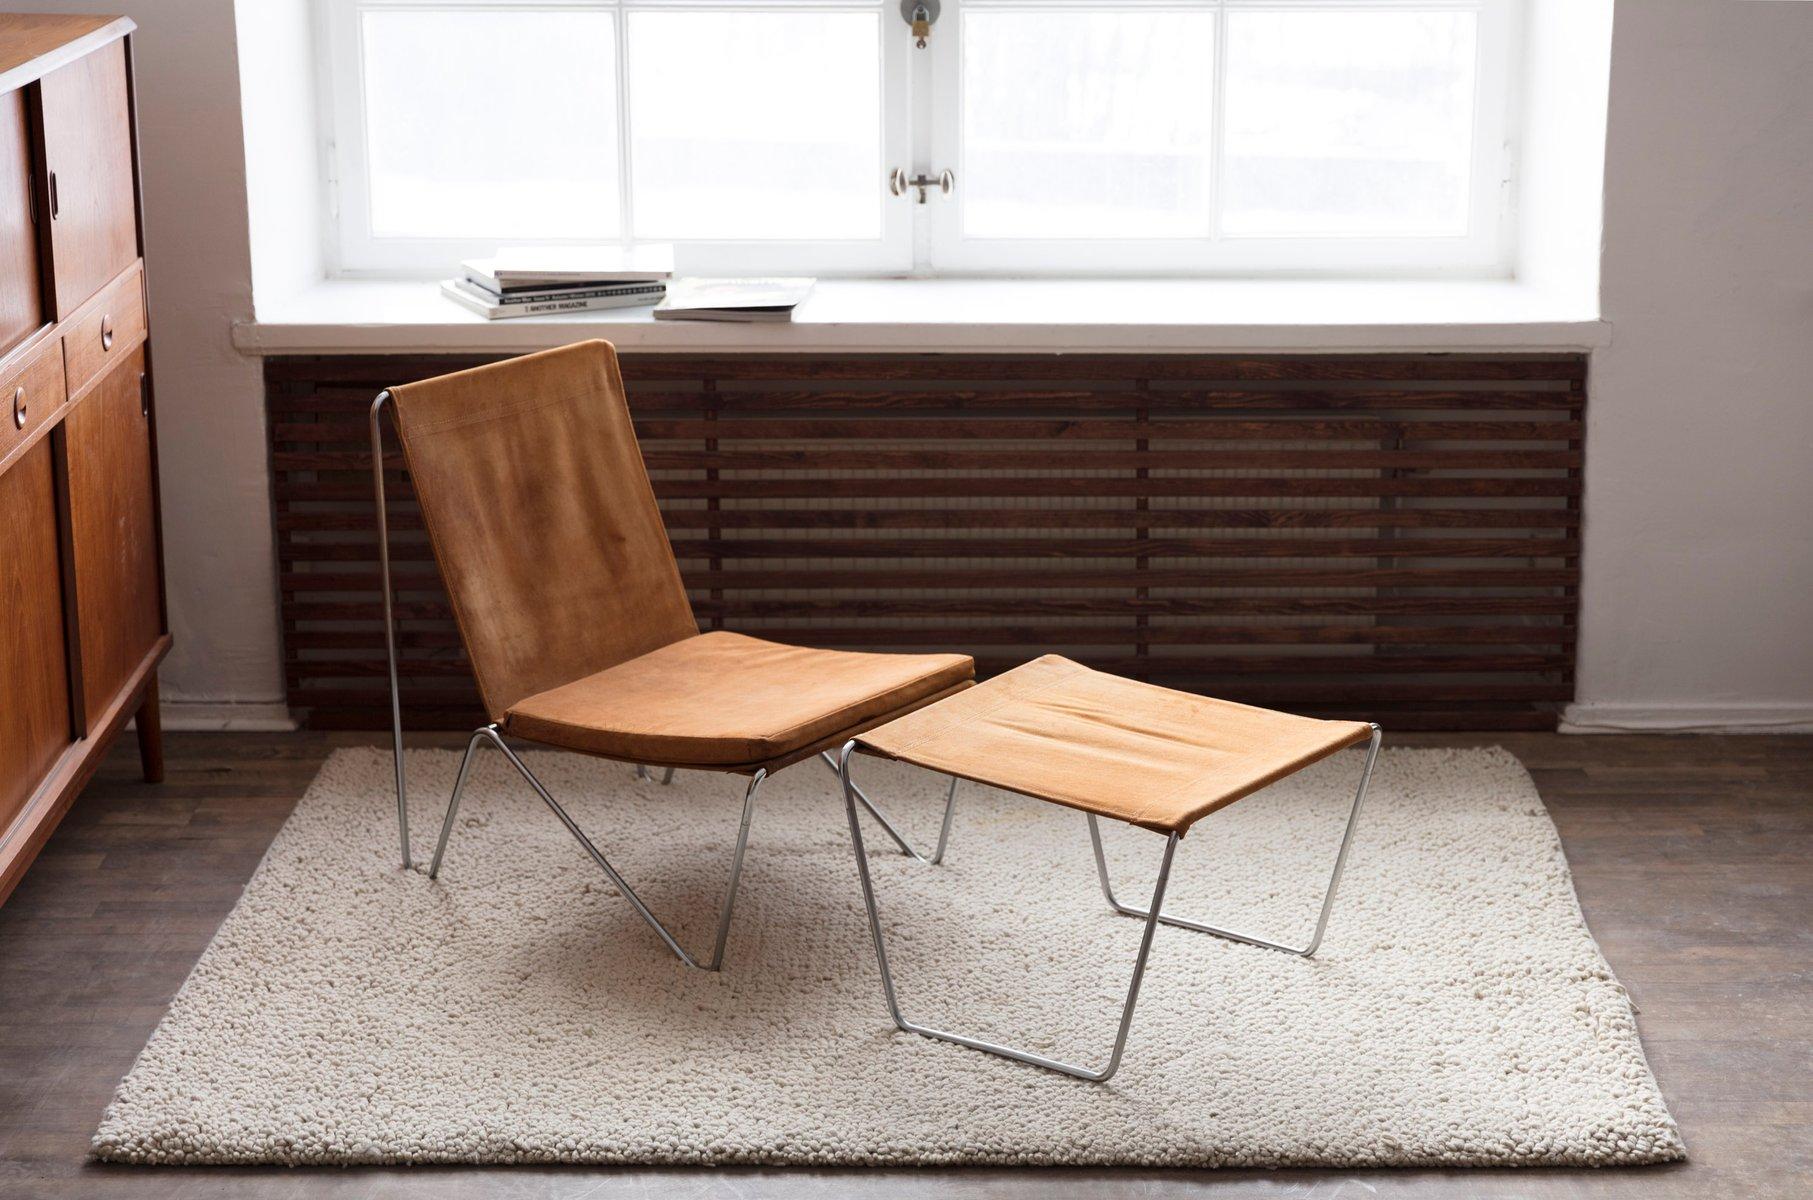 3350 3152 Bachelor Stuhl Ottomane Set Von Verner Panton Für